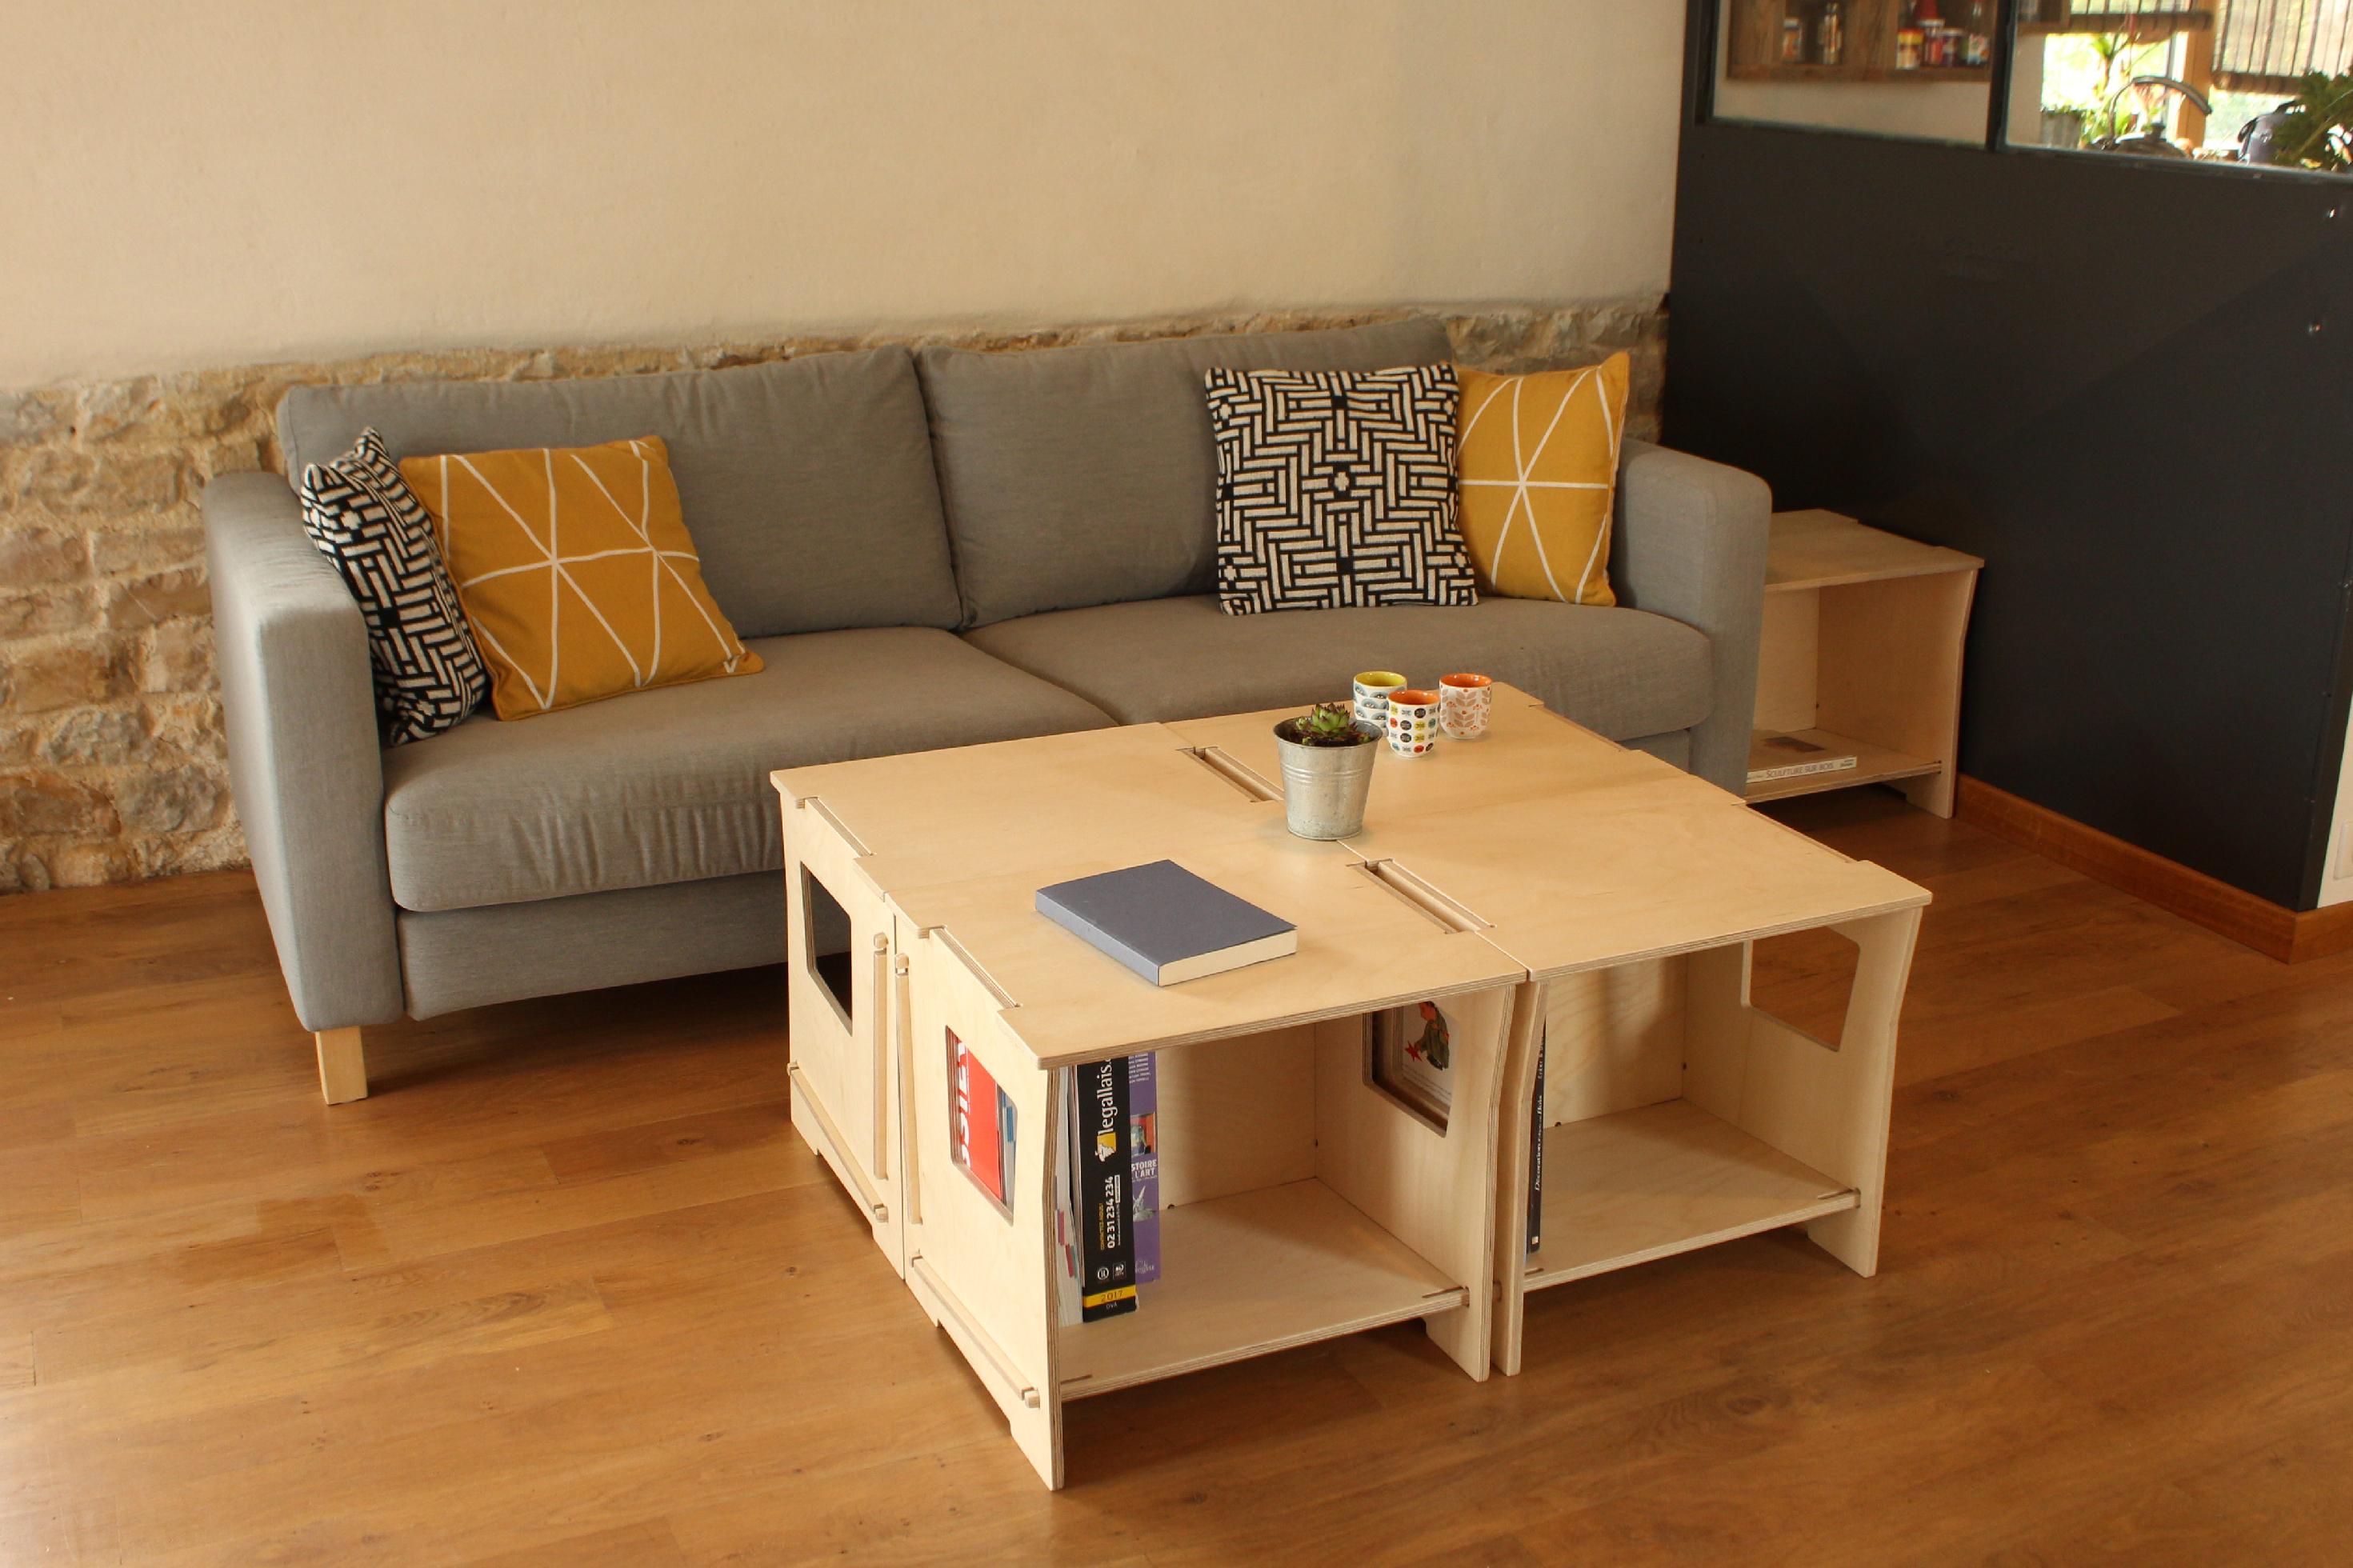 modules de rangement empilables pour cr er une tag re en. Black Bedroom Furniture Sets. Home Design Ideas